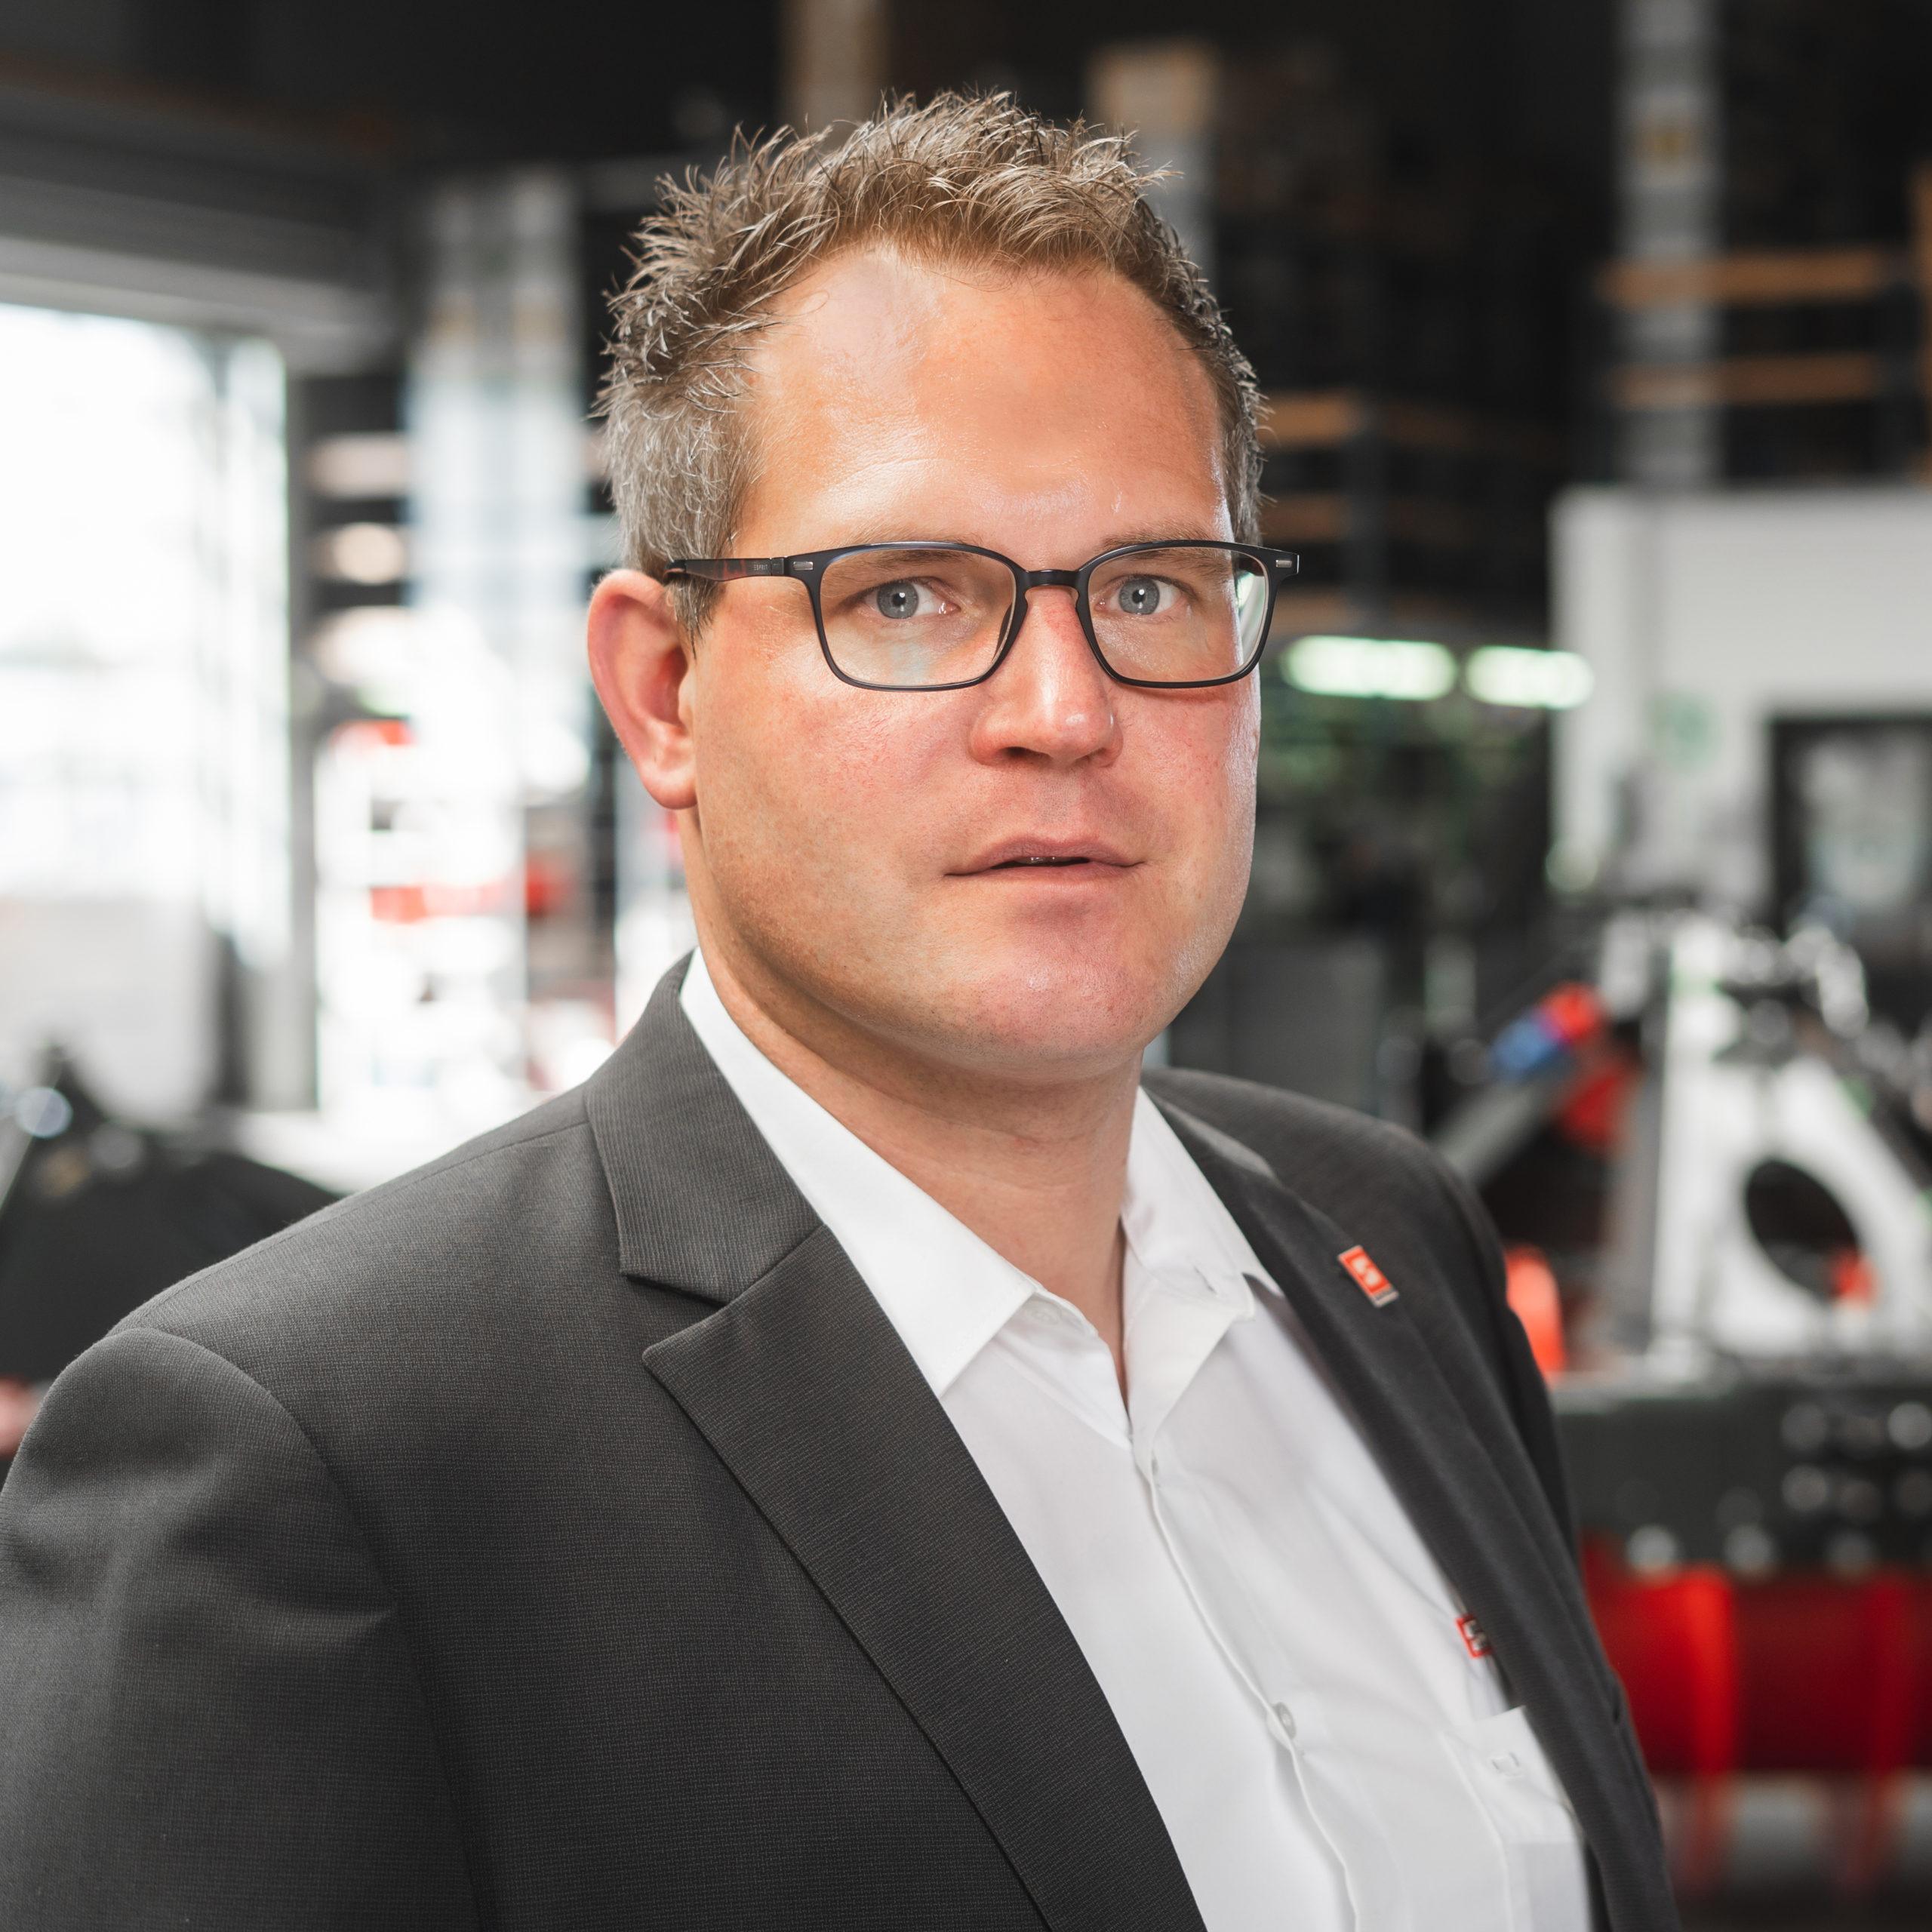 Xaver Boeldt